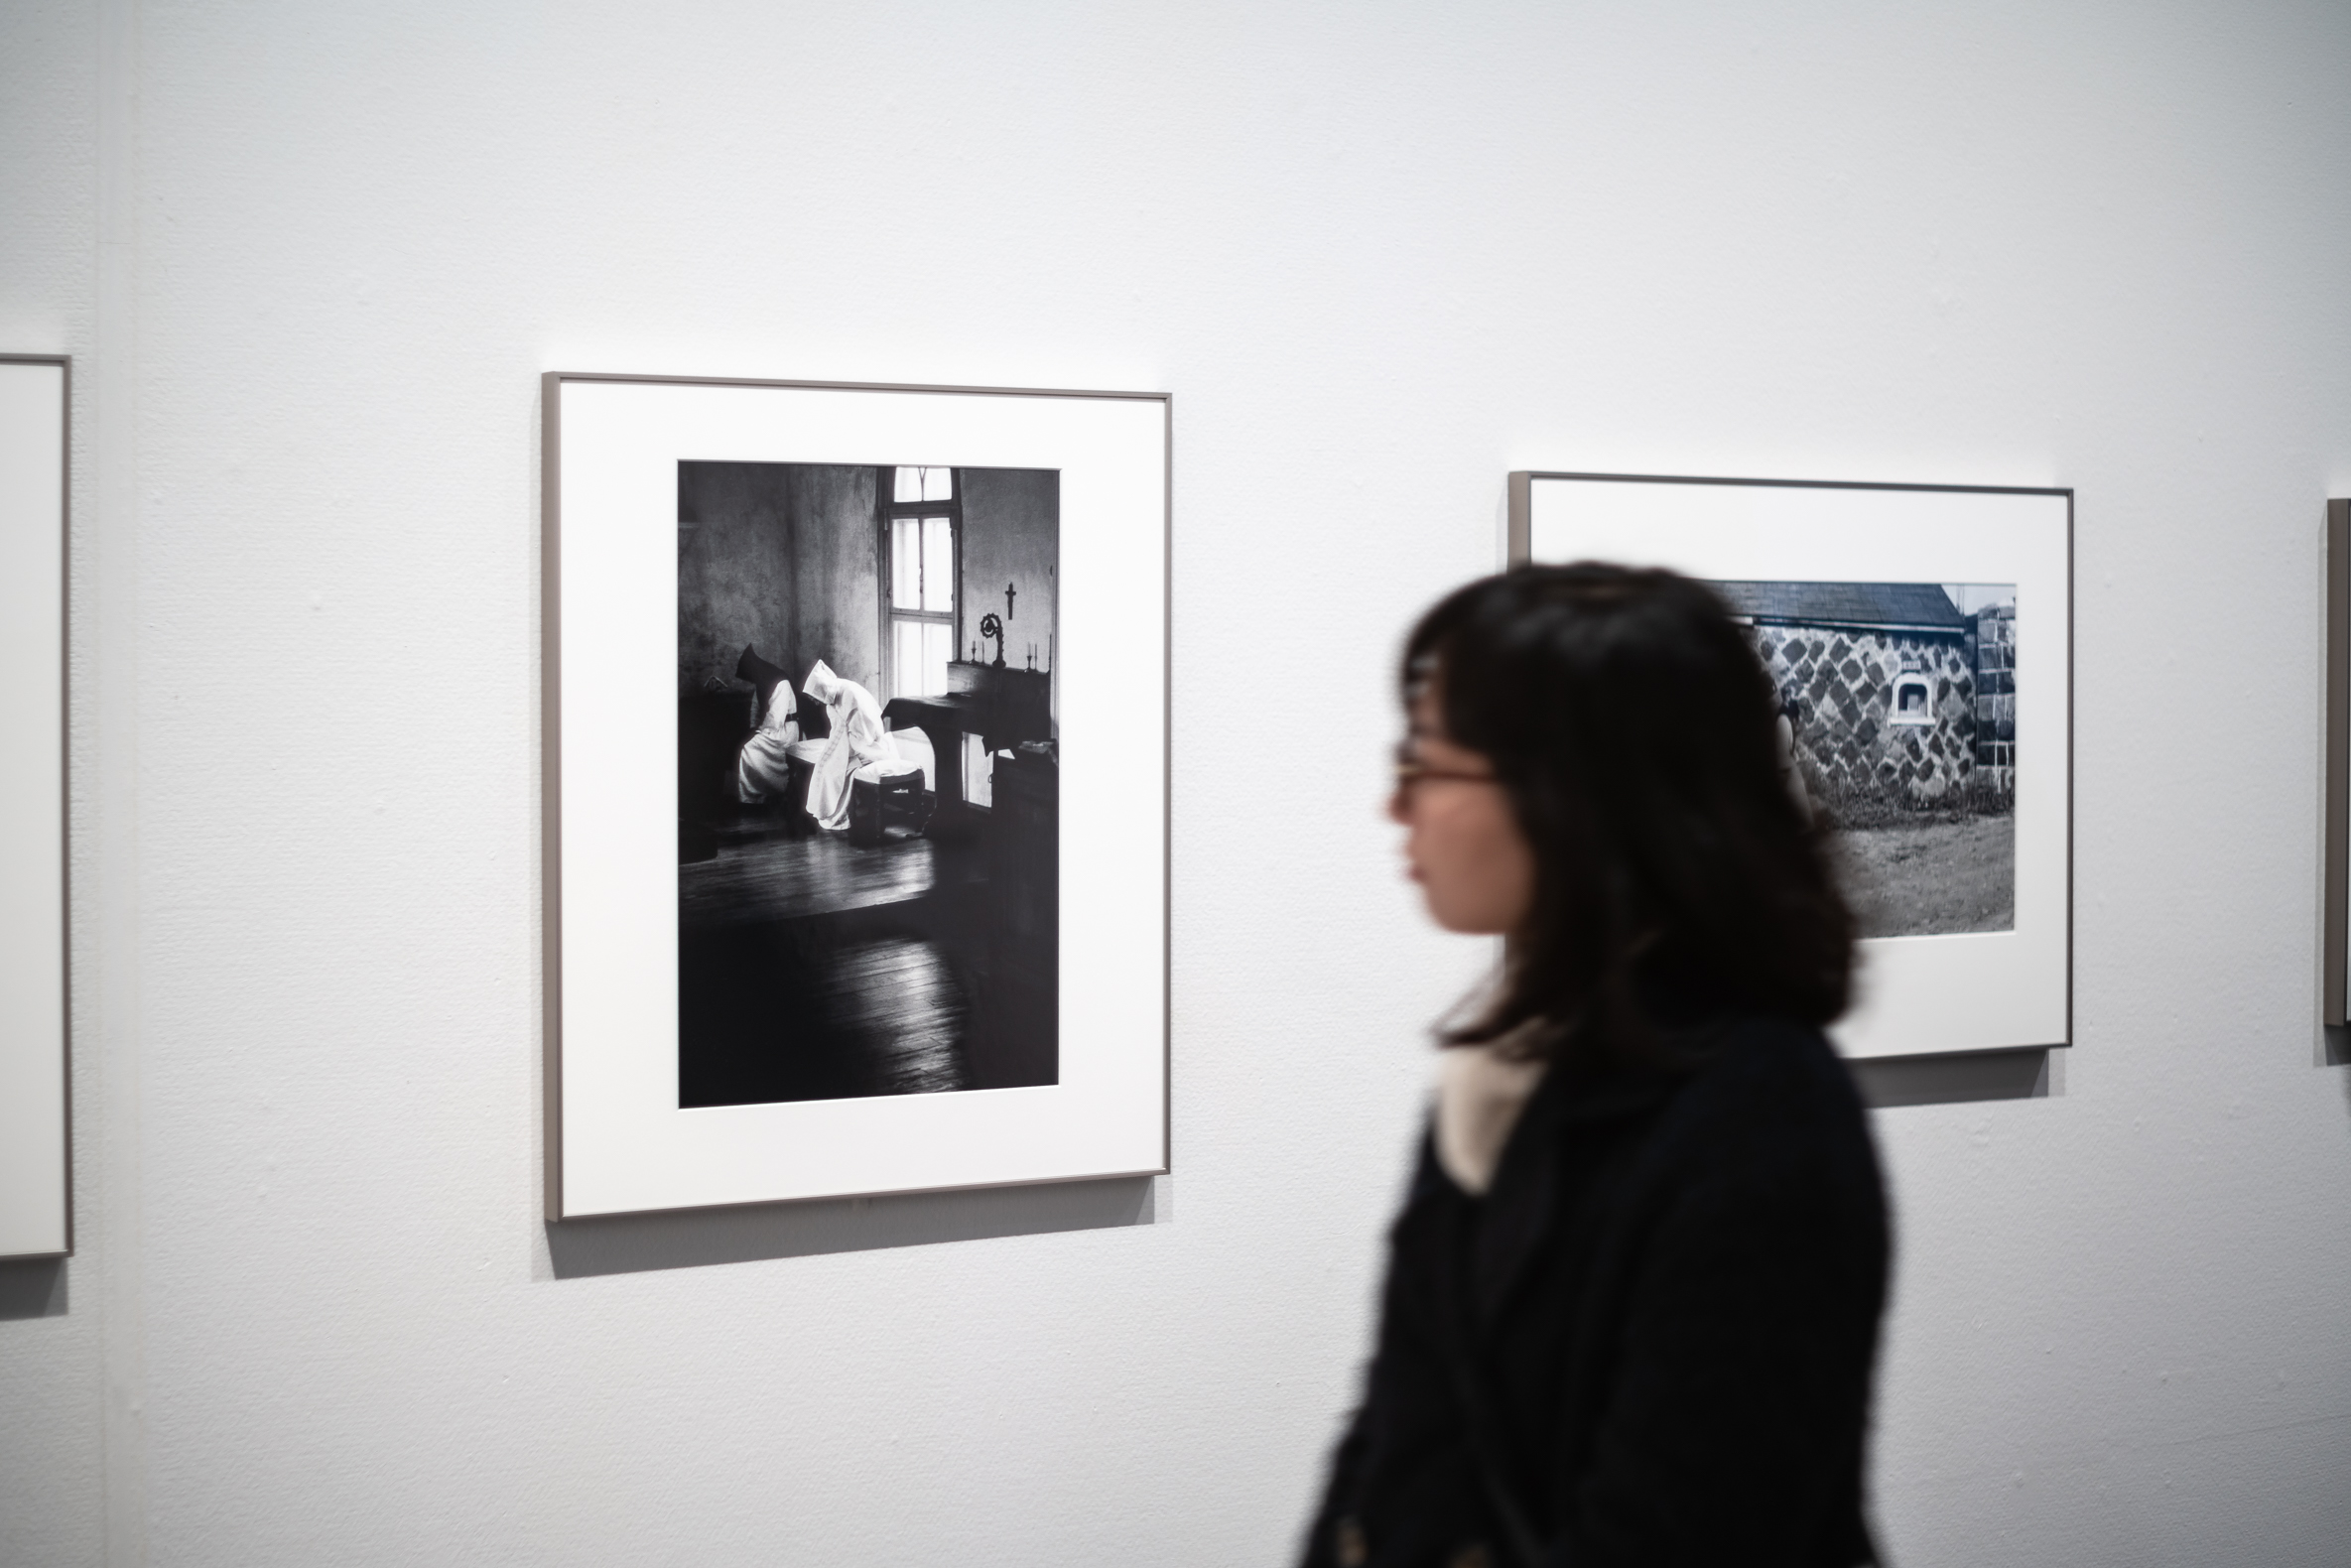 2020.01.19 東京国立近代美術館 窓展-9.jpg